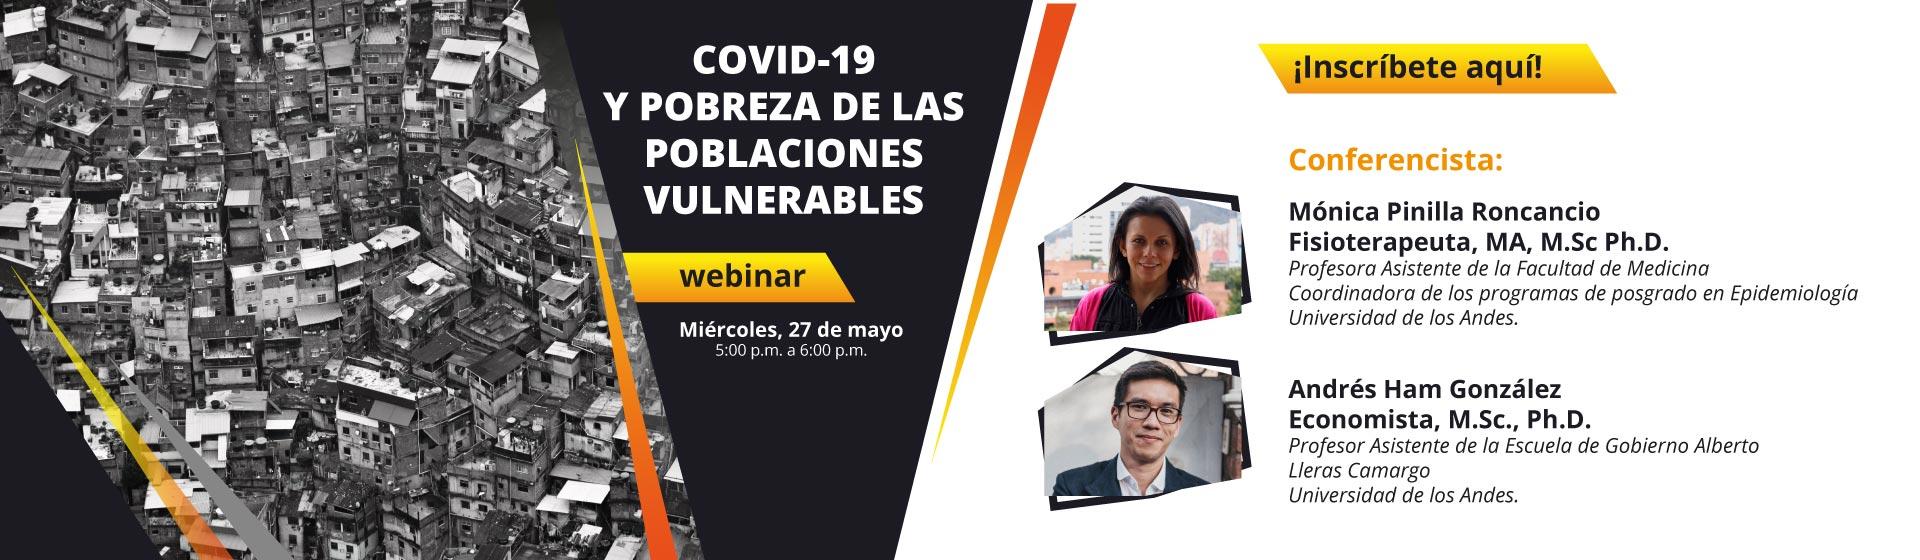 COVID-19 y pobreza de las poblaciones vulnerables